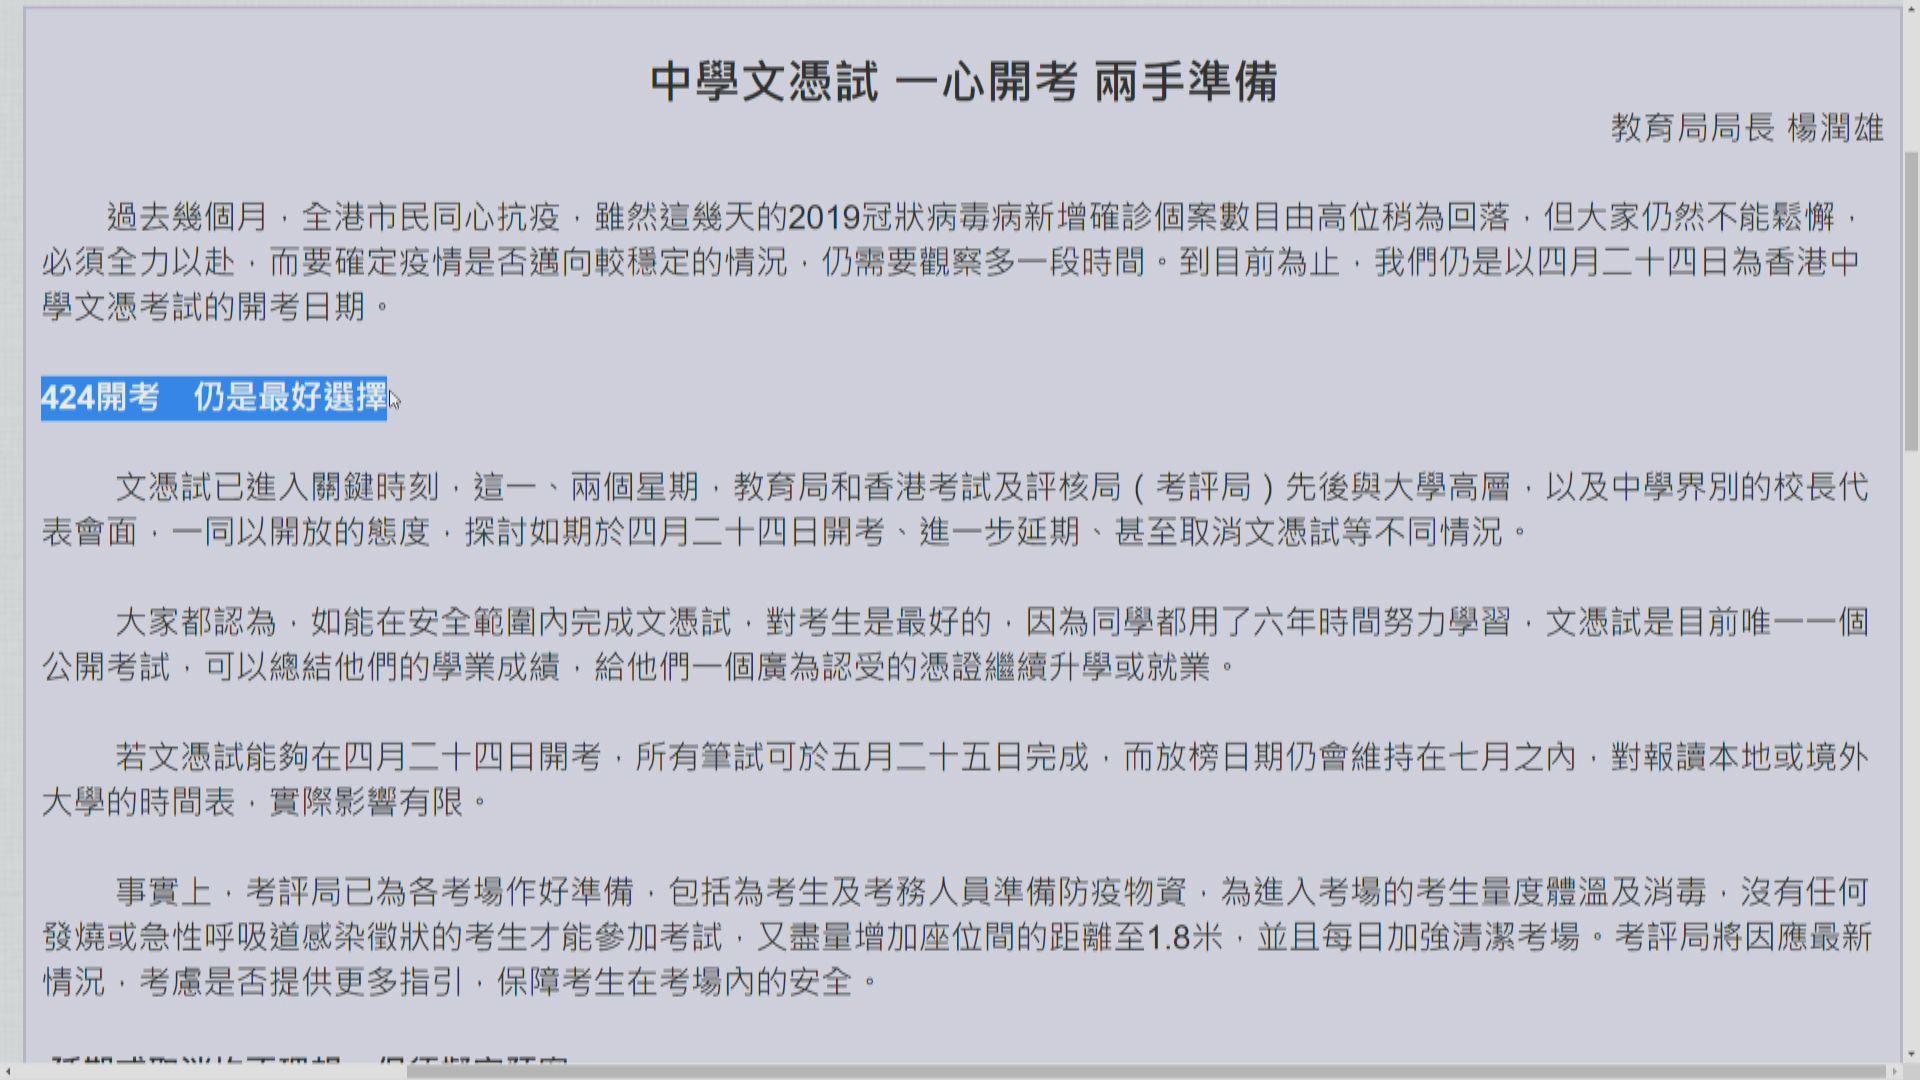 楊潤雄:文憑試四月廿四日開考是最好選擇